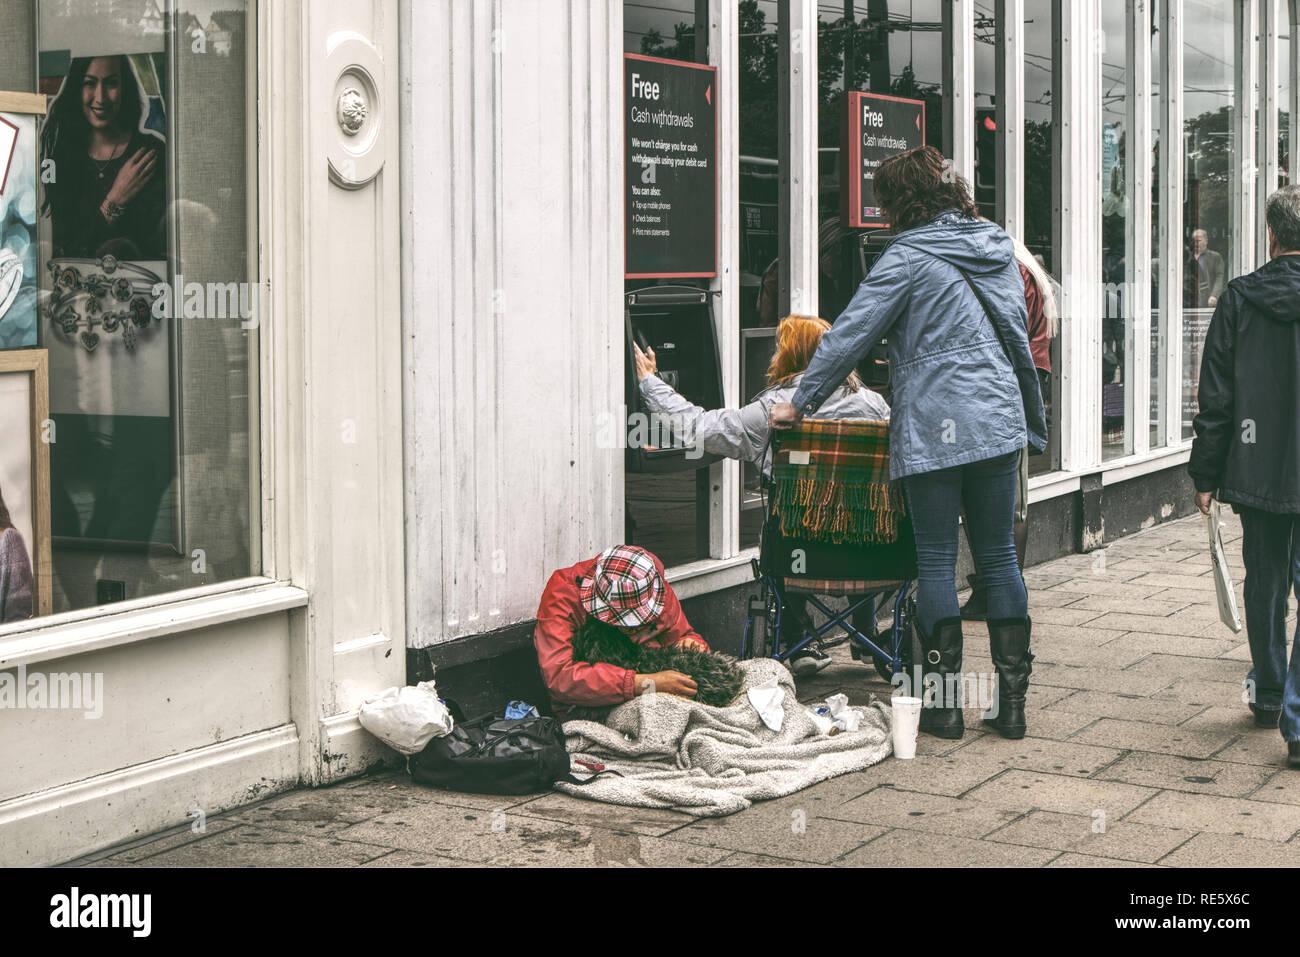 Un uomo è elemosinare sulla strada mentre una donna su una sedia a rotelle è ritirare denaro contante su un high street NEL REGNO UNITO Immagini Stock